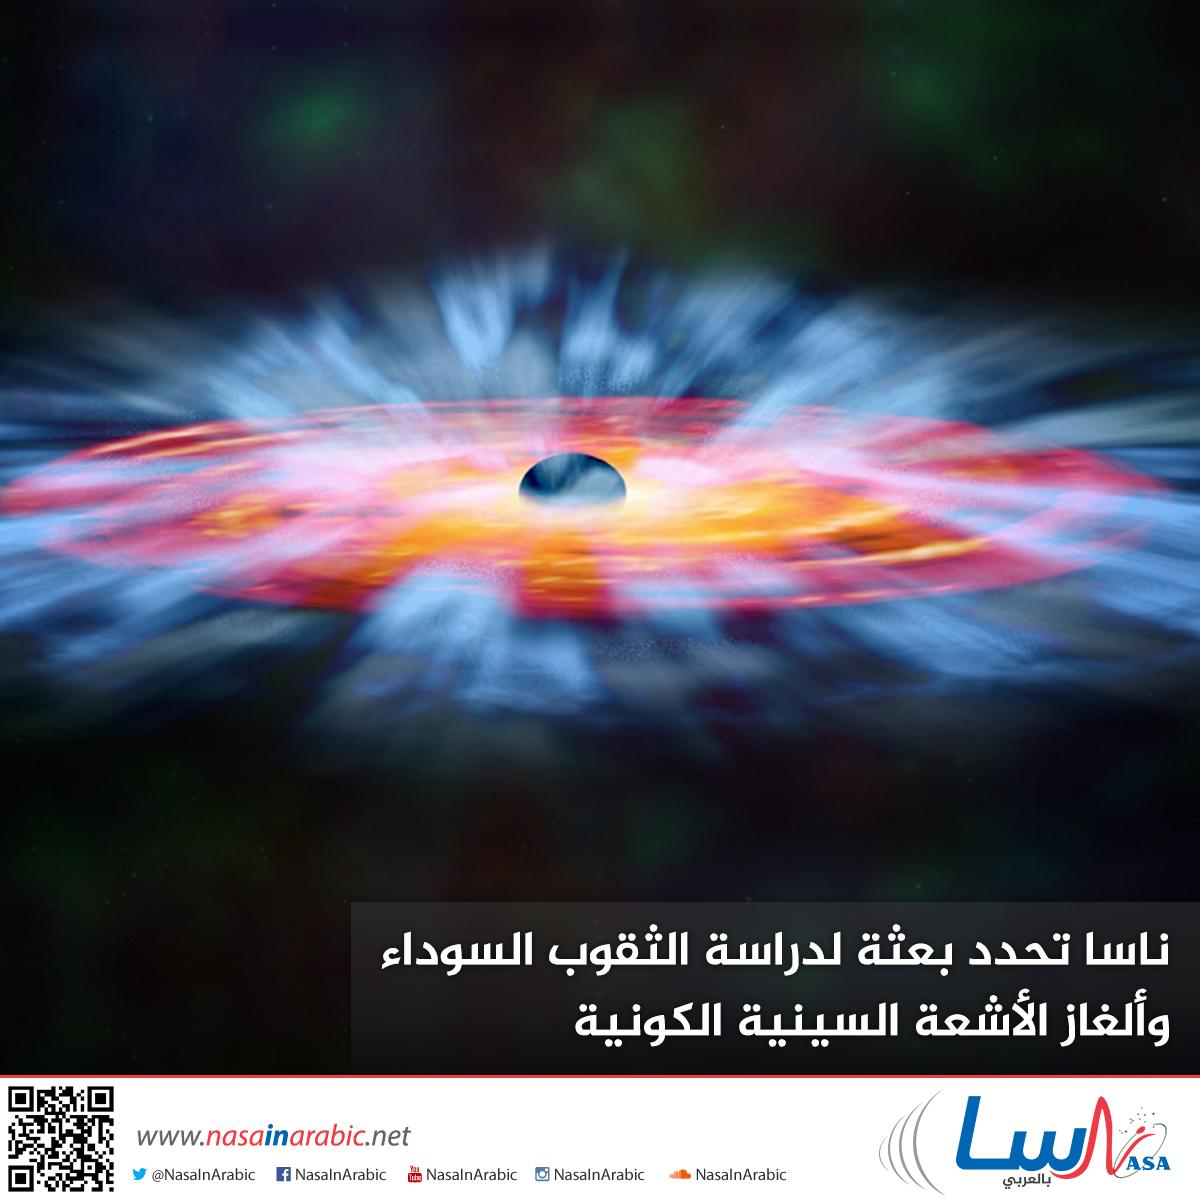 ناسا تحدد بعثة لدراسة الثقوب السوداء وألغاز الأشعة السينية الكونية